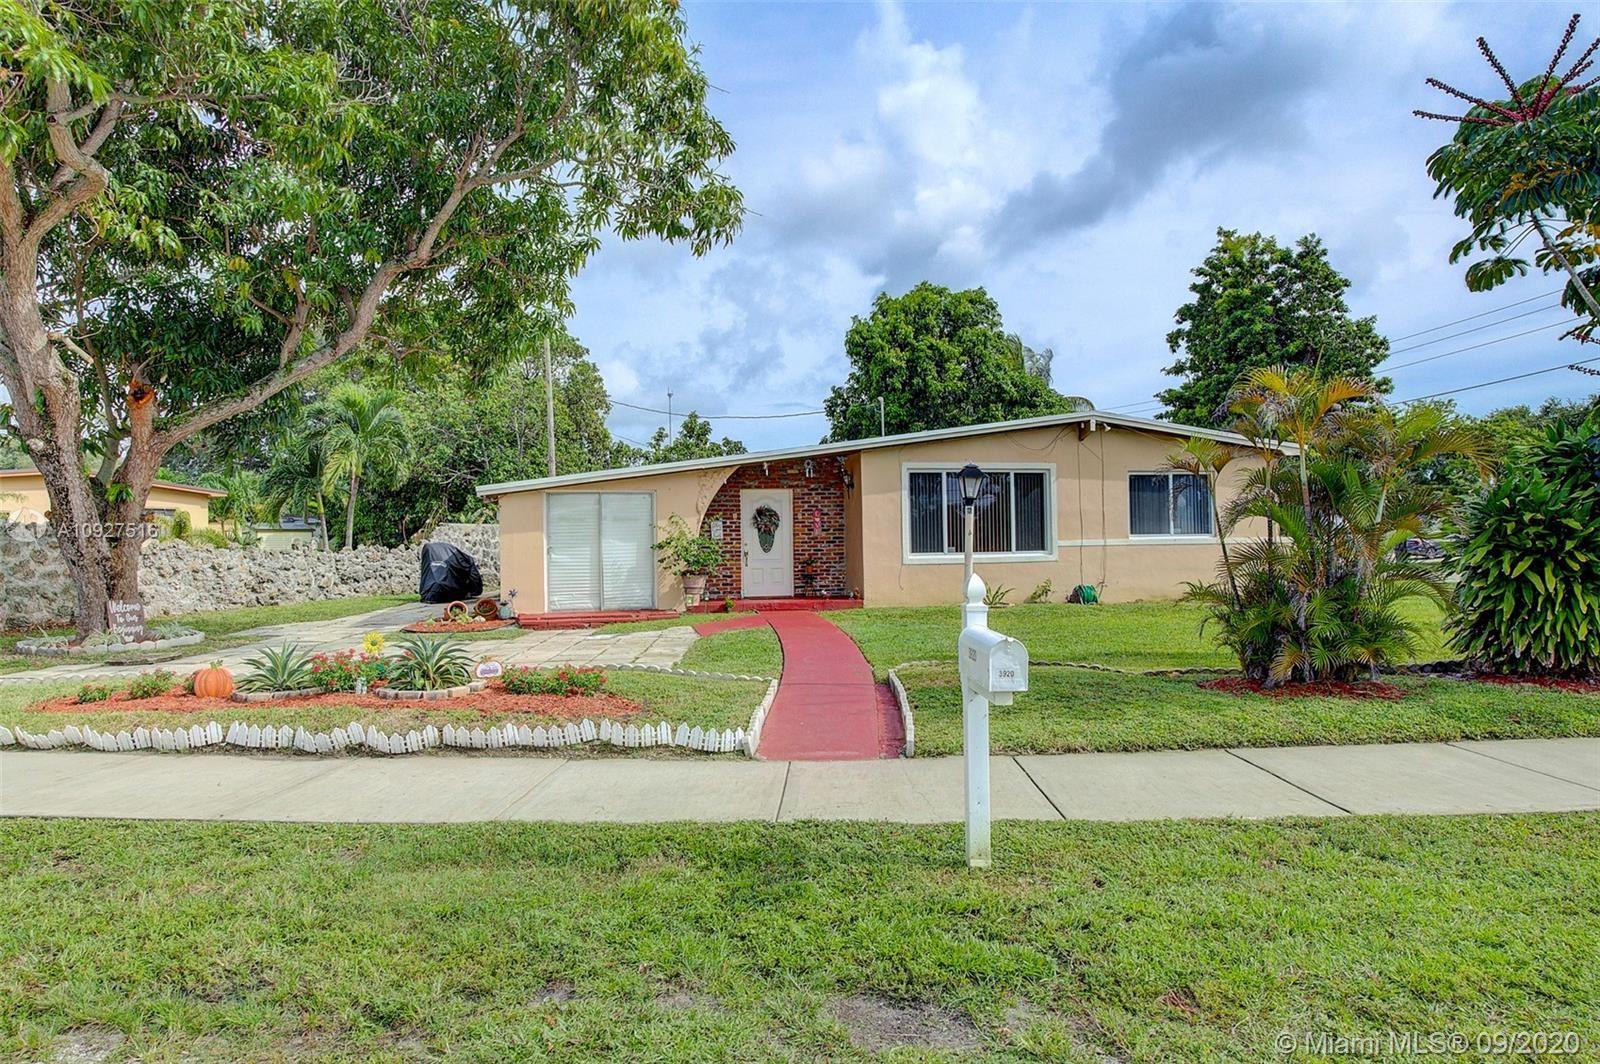 3920 SW 32nd Ave, West Park, FL 33023 - #: A10927516